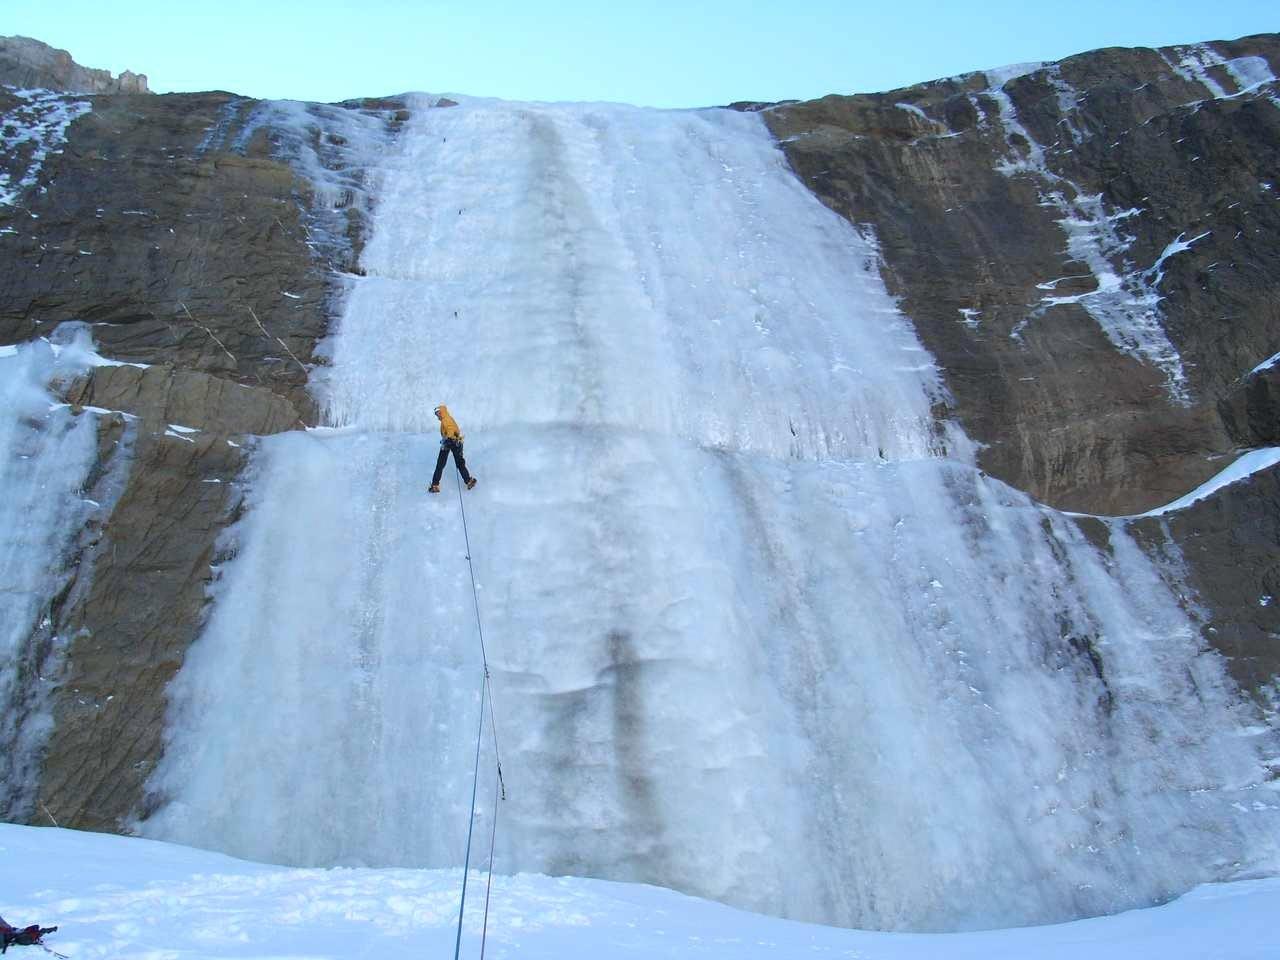 Ice dans le grand mur du premier niveau